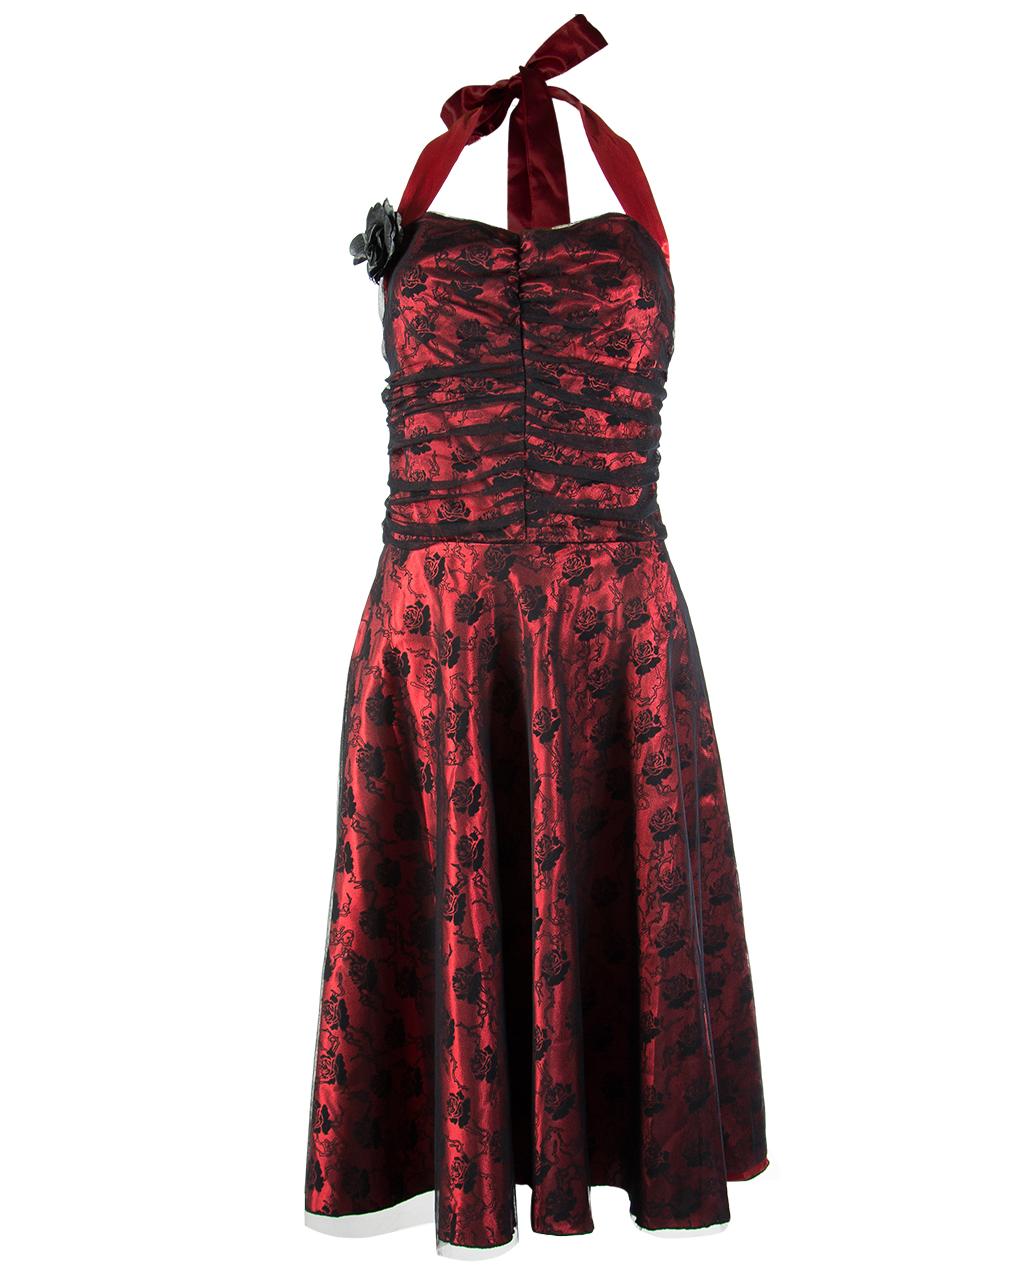 Kleid rot schwarz spitze